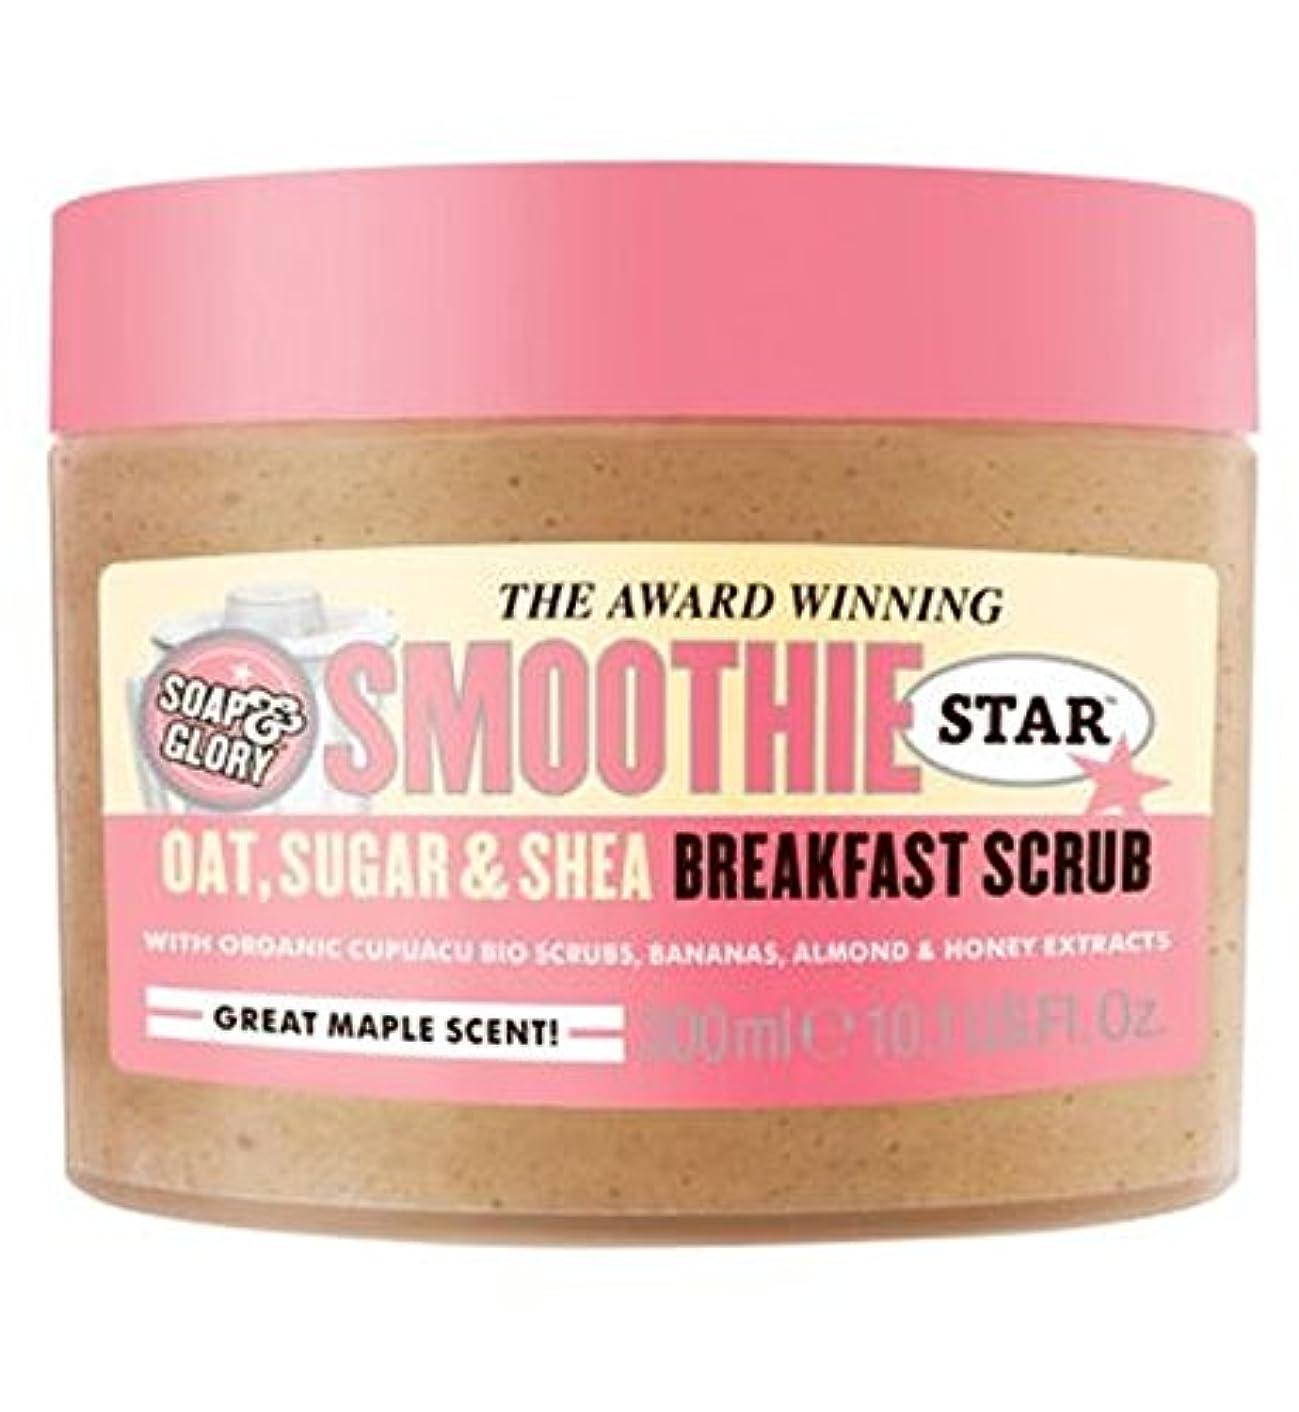 回復する逆白菜石鹸&栄光スムージースター朝食スクラブ300ミリリットル (Soap & Glory) (x2) - Soap & Glory Smoothie Star Breakfast Scrub 300ml (Pack of 2) [並行輸入品]